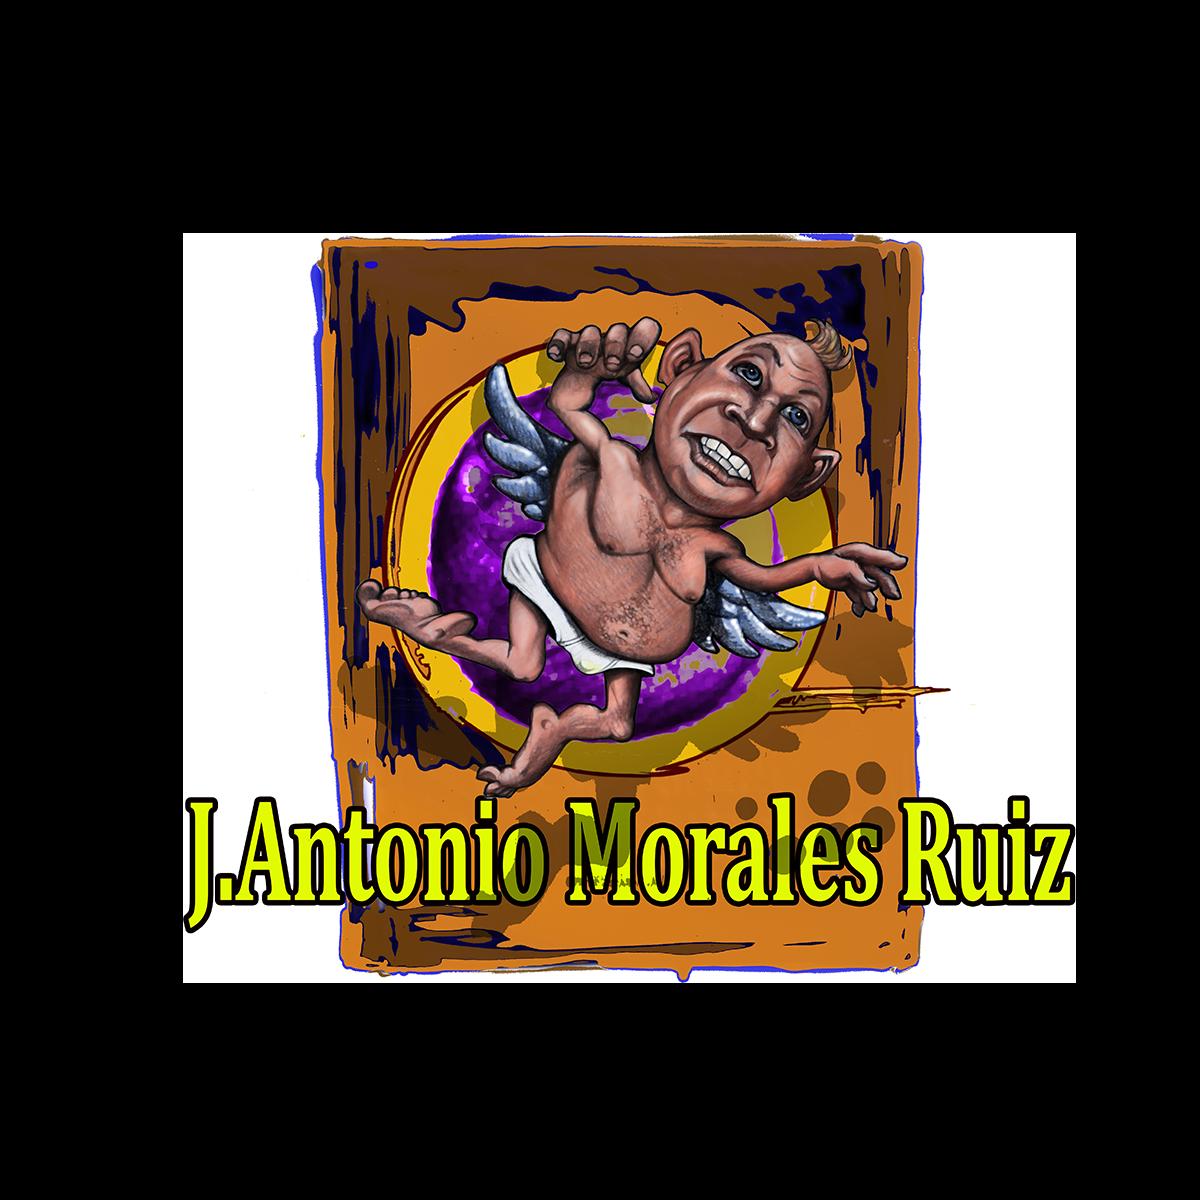 Antonio Morales Ruiz